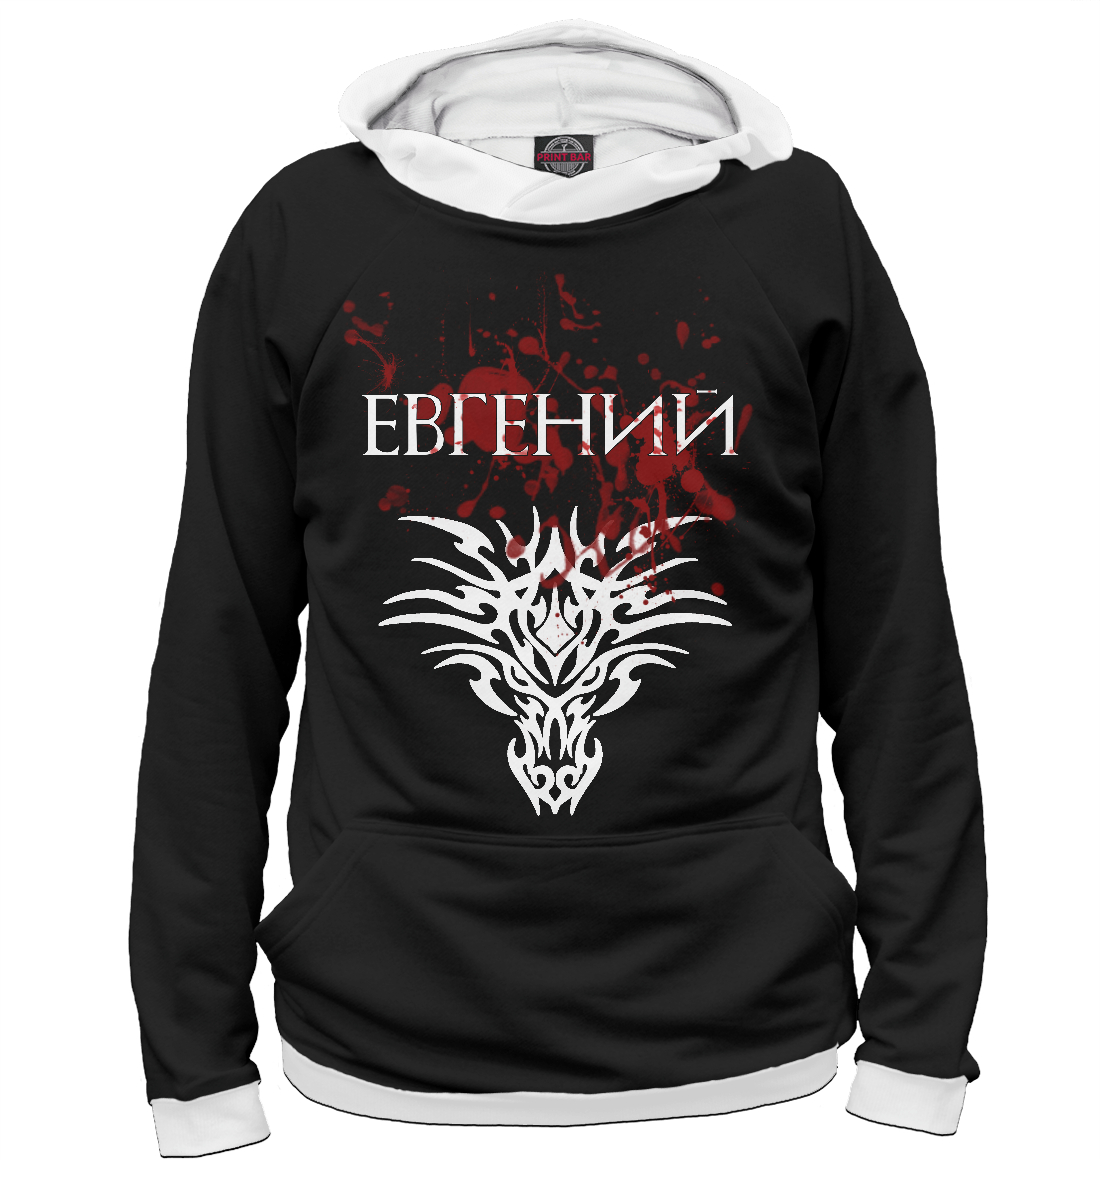 Купить Евгений, Printbar, Худи, EVG-466653-hud-2